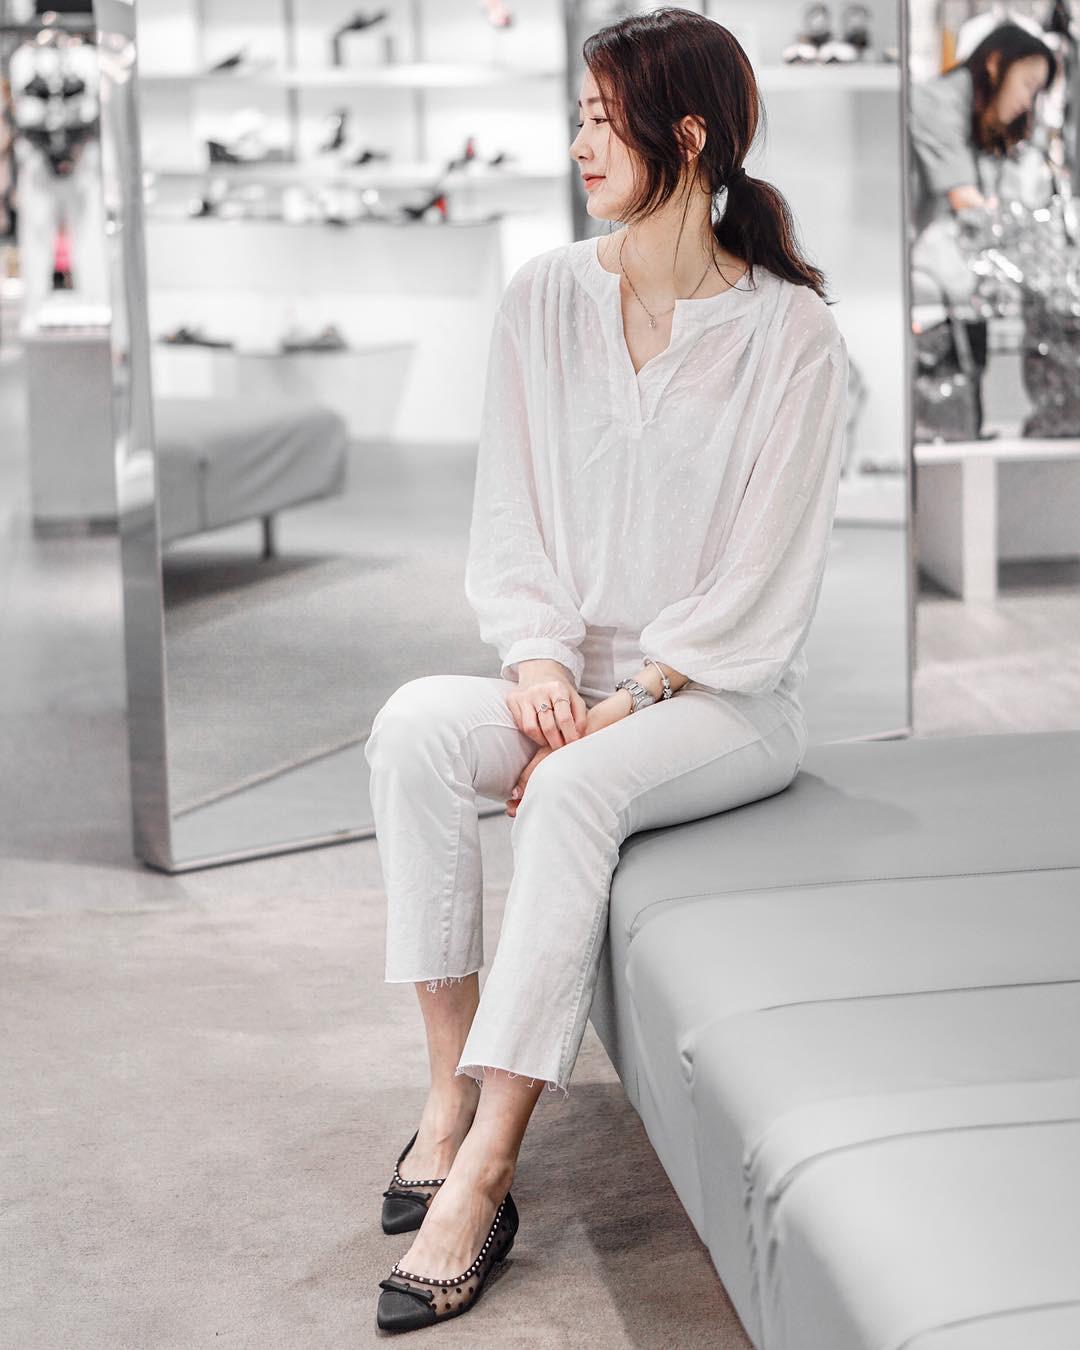 6 items thời trang các quý cô ngoài 30 tuổi cần có để thật xinh đẹp và cuốn hút trong mọi hoàn cảnh - Ảnh 7